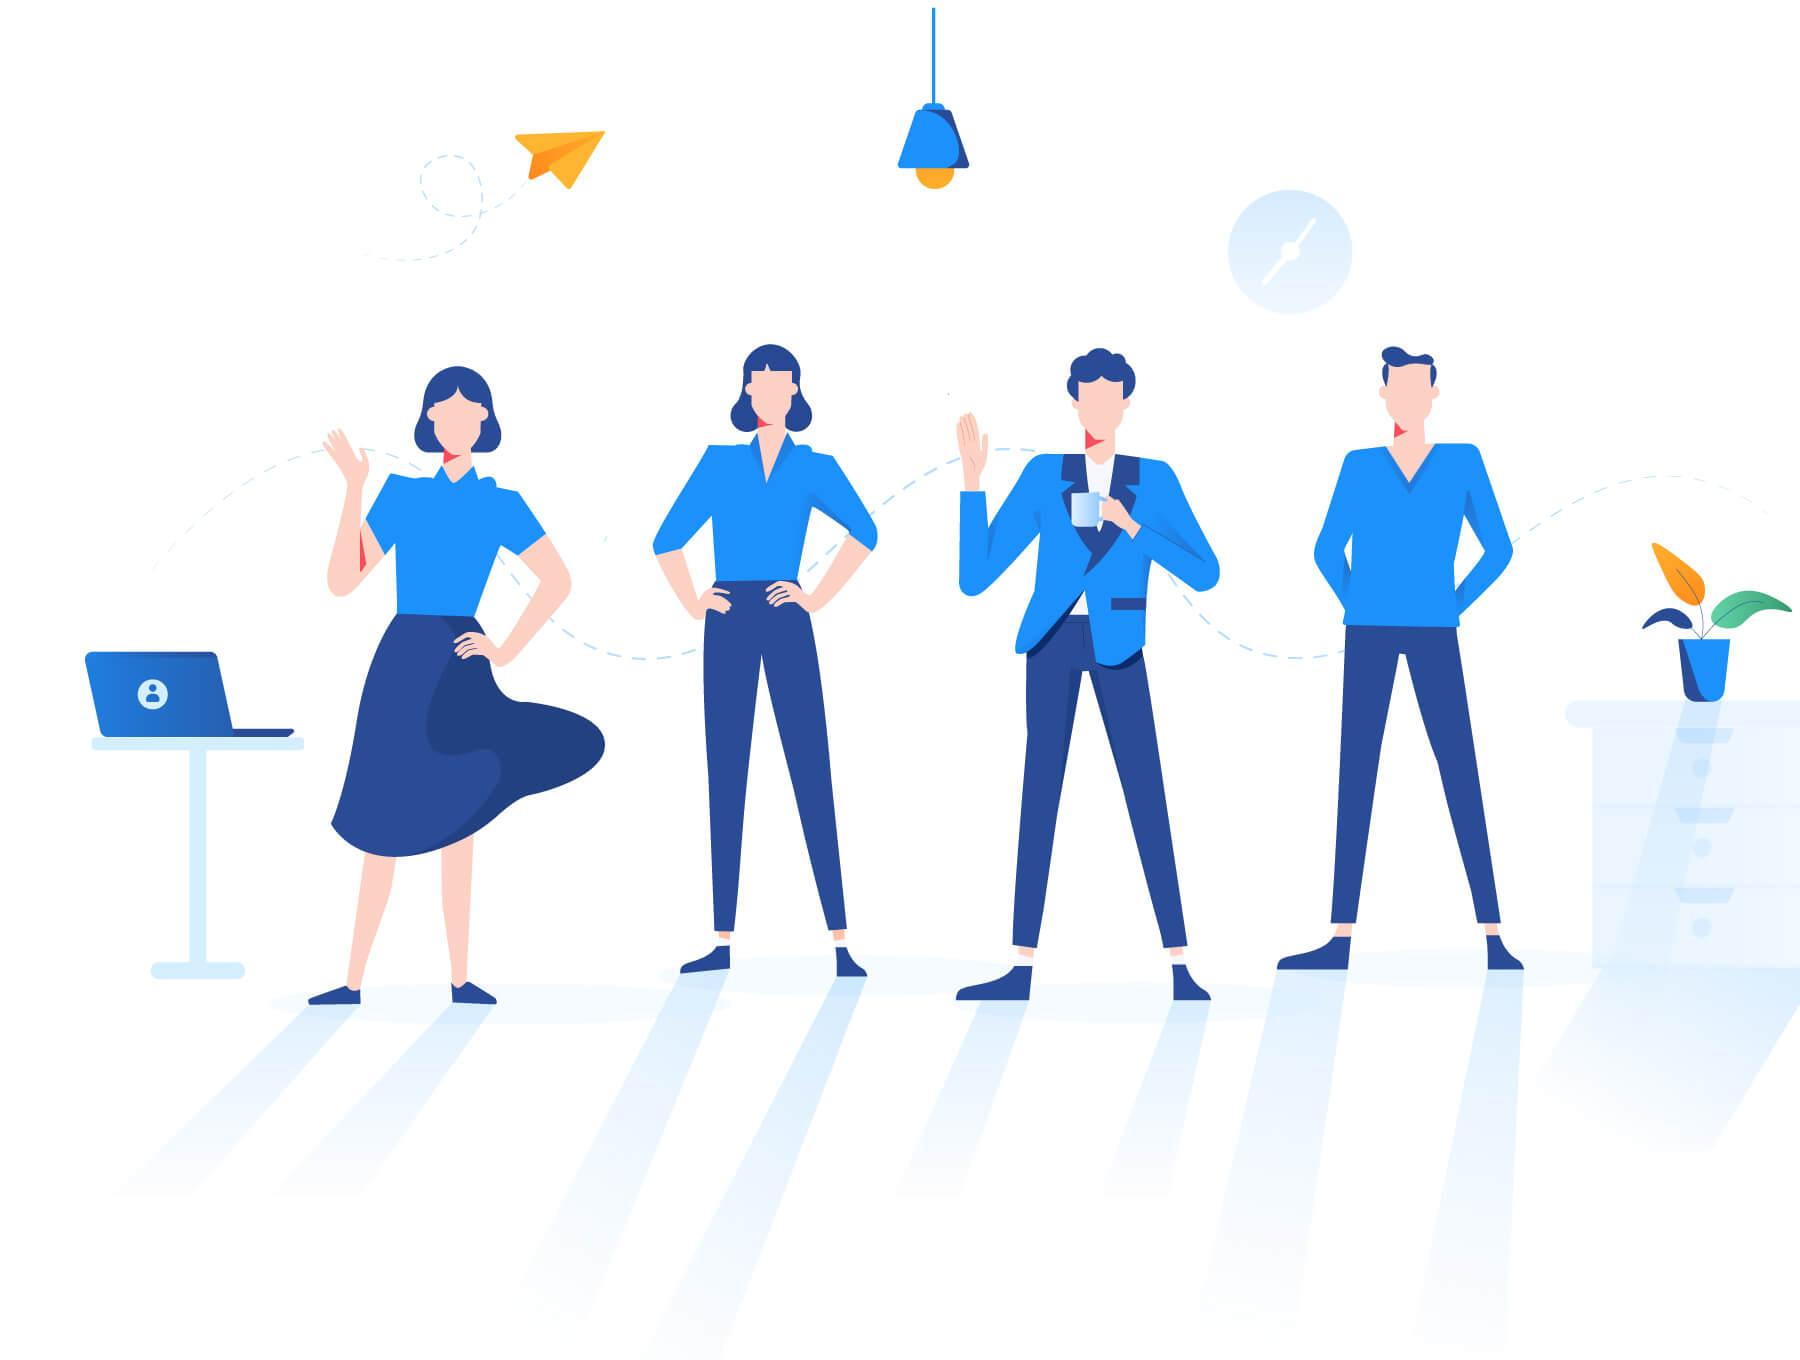 现代企业办公场景插画/移动界面素材下载Illustration Pack插图(3)